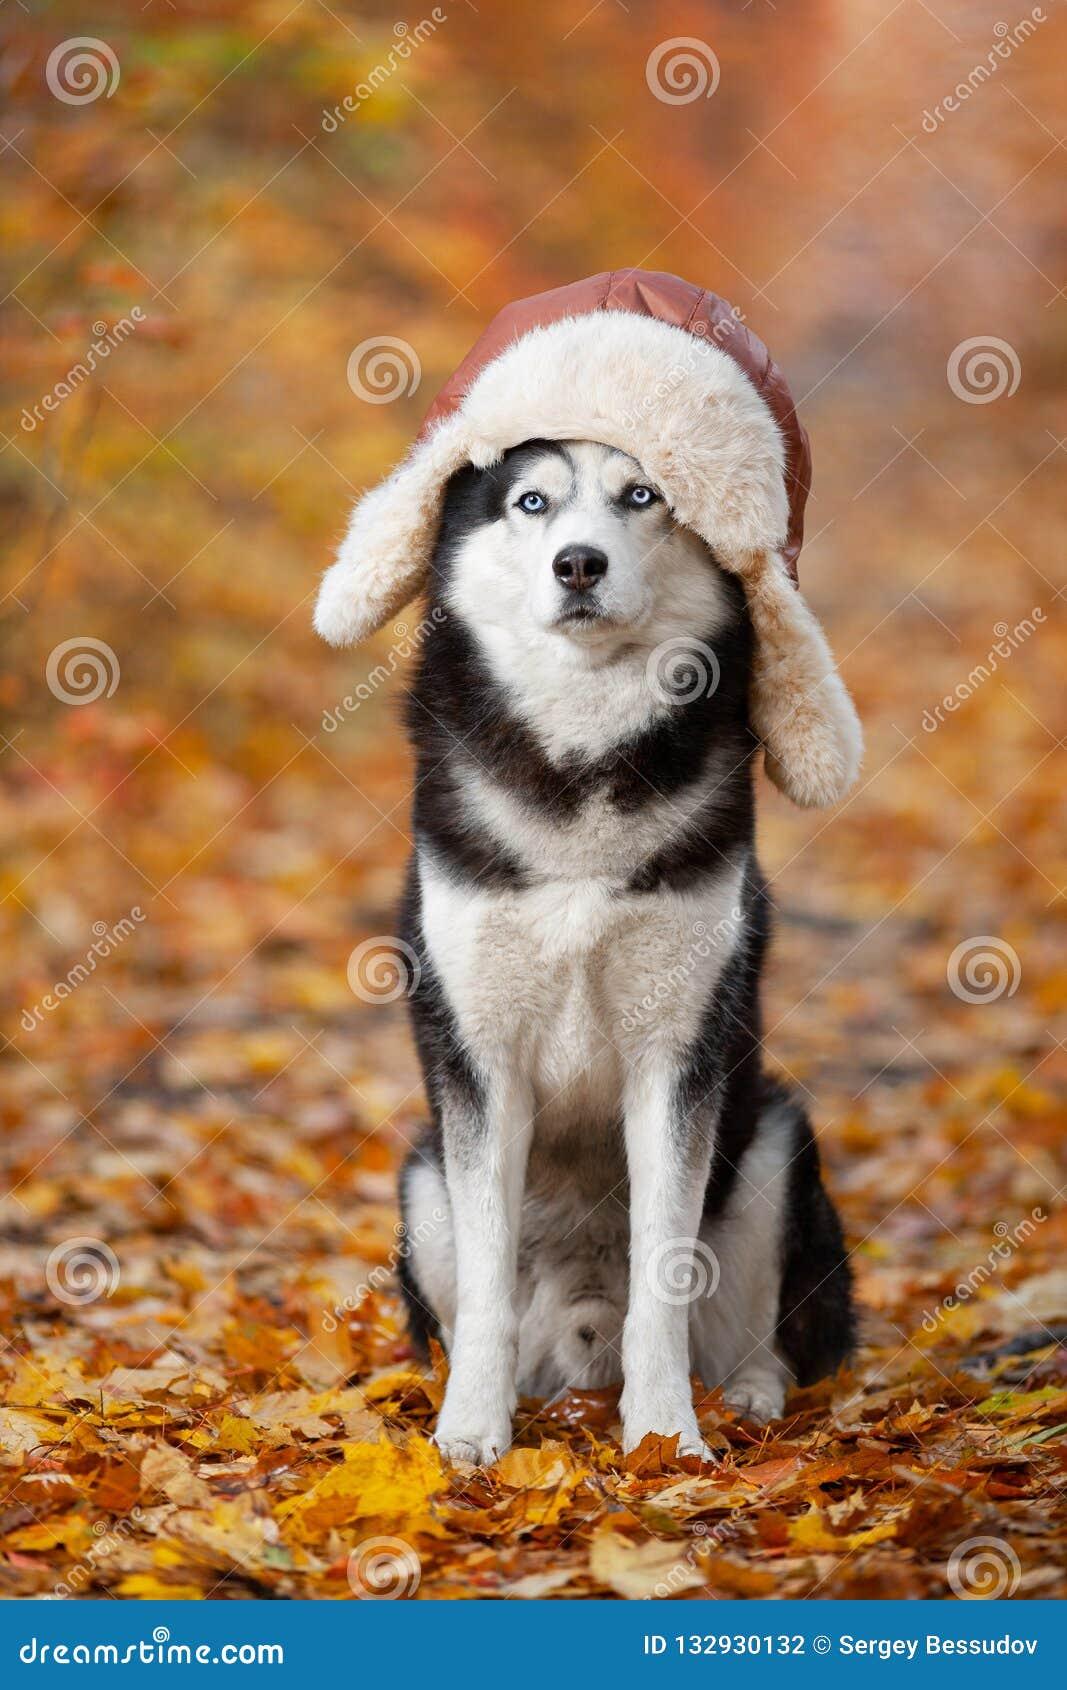 Schwarzweiss-Hund des sibirischen Huskys in einem Hut mit den earflaps, die im gelben Herbstlaub sitzen